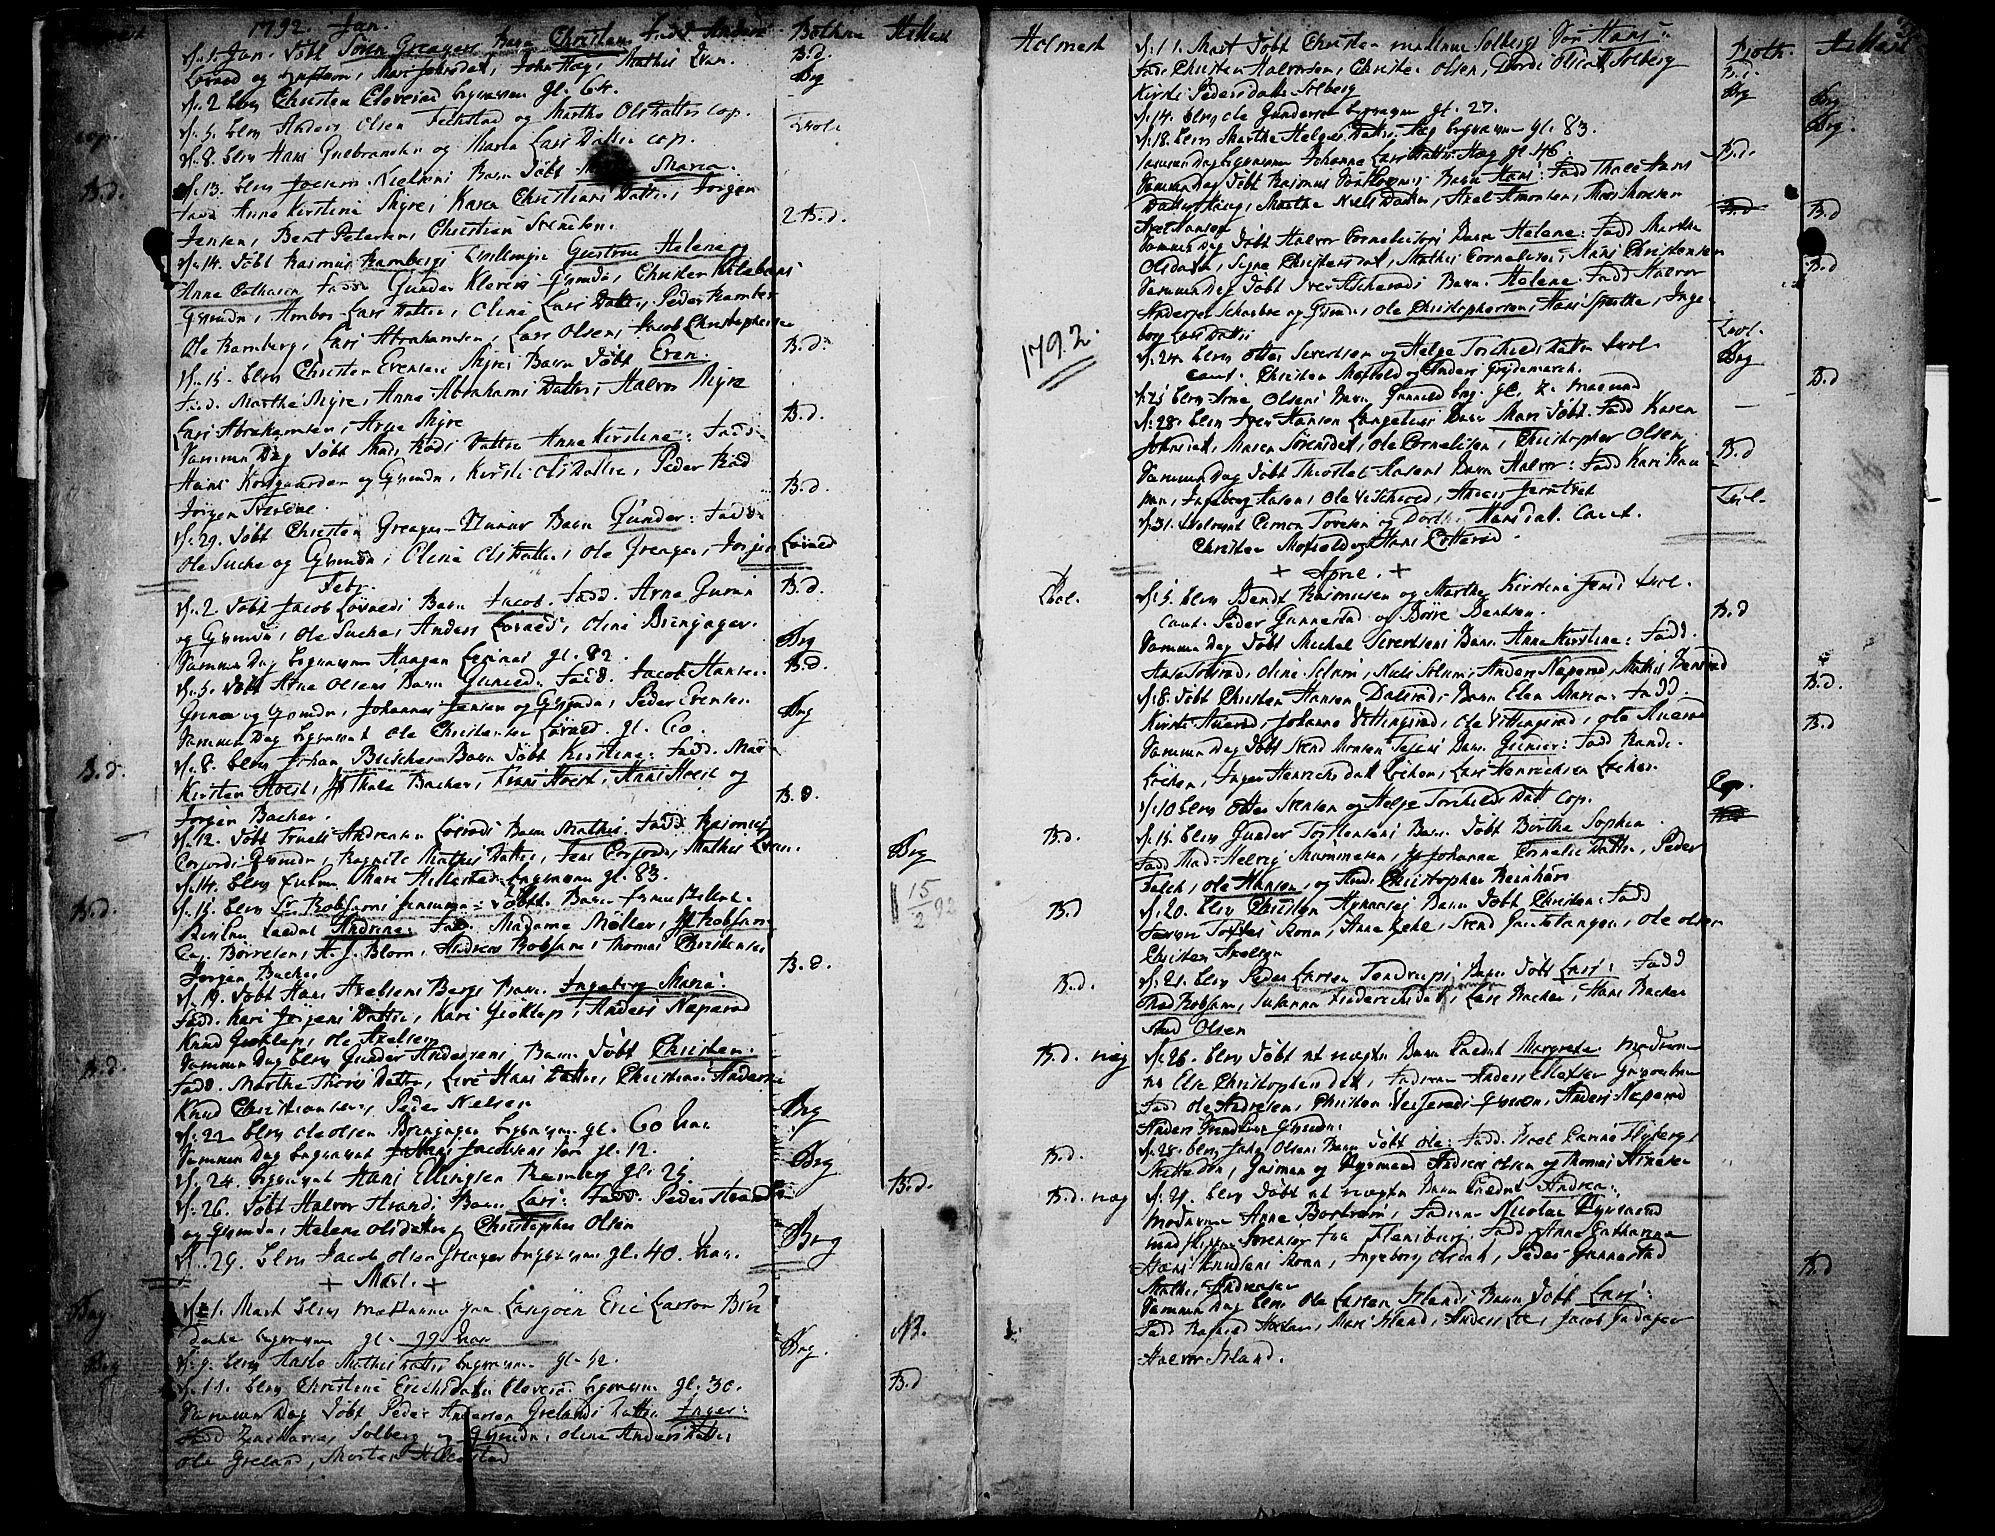 SAKO, Botne kirkebøker, F/Fa/L0003: Ministerialbok nr. I 3 /1, 1792-1844, s. 2-3